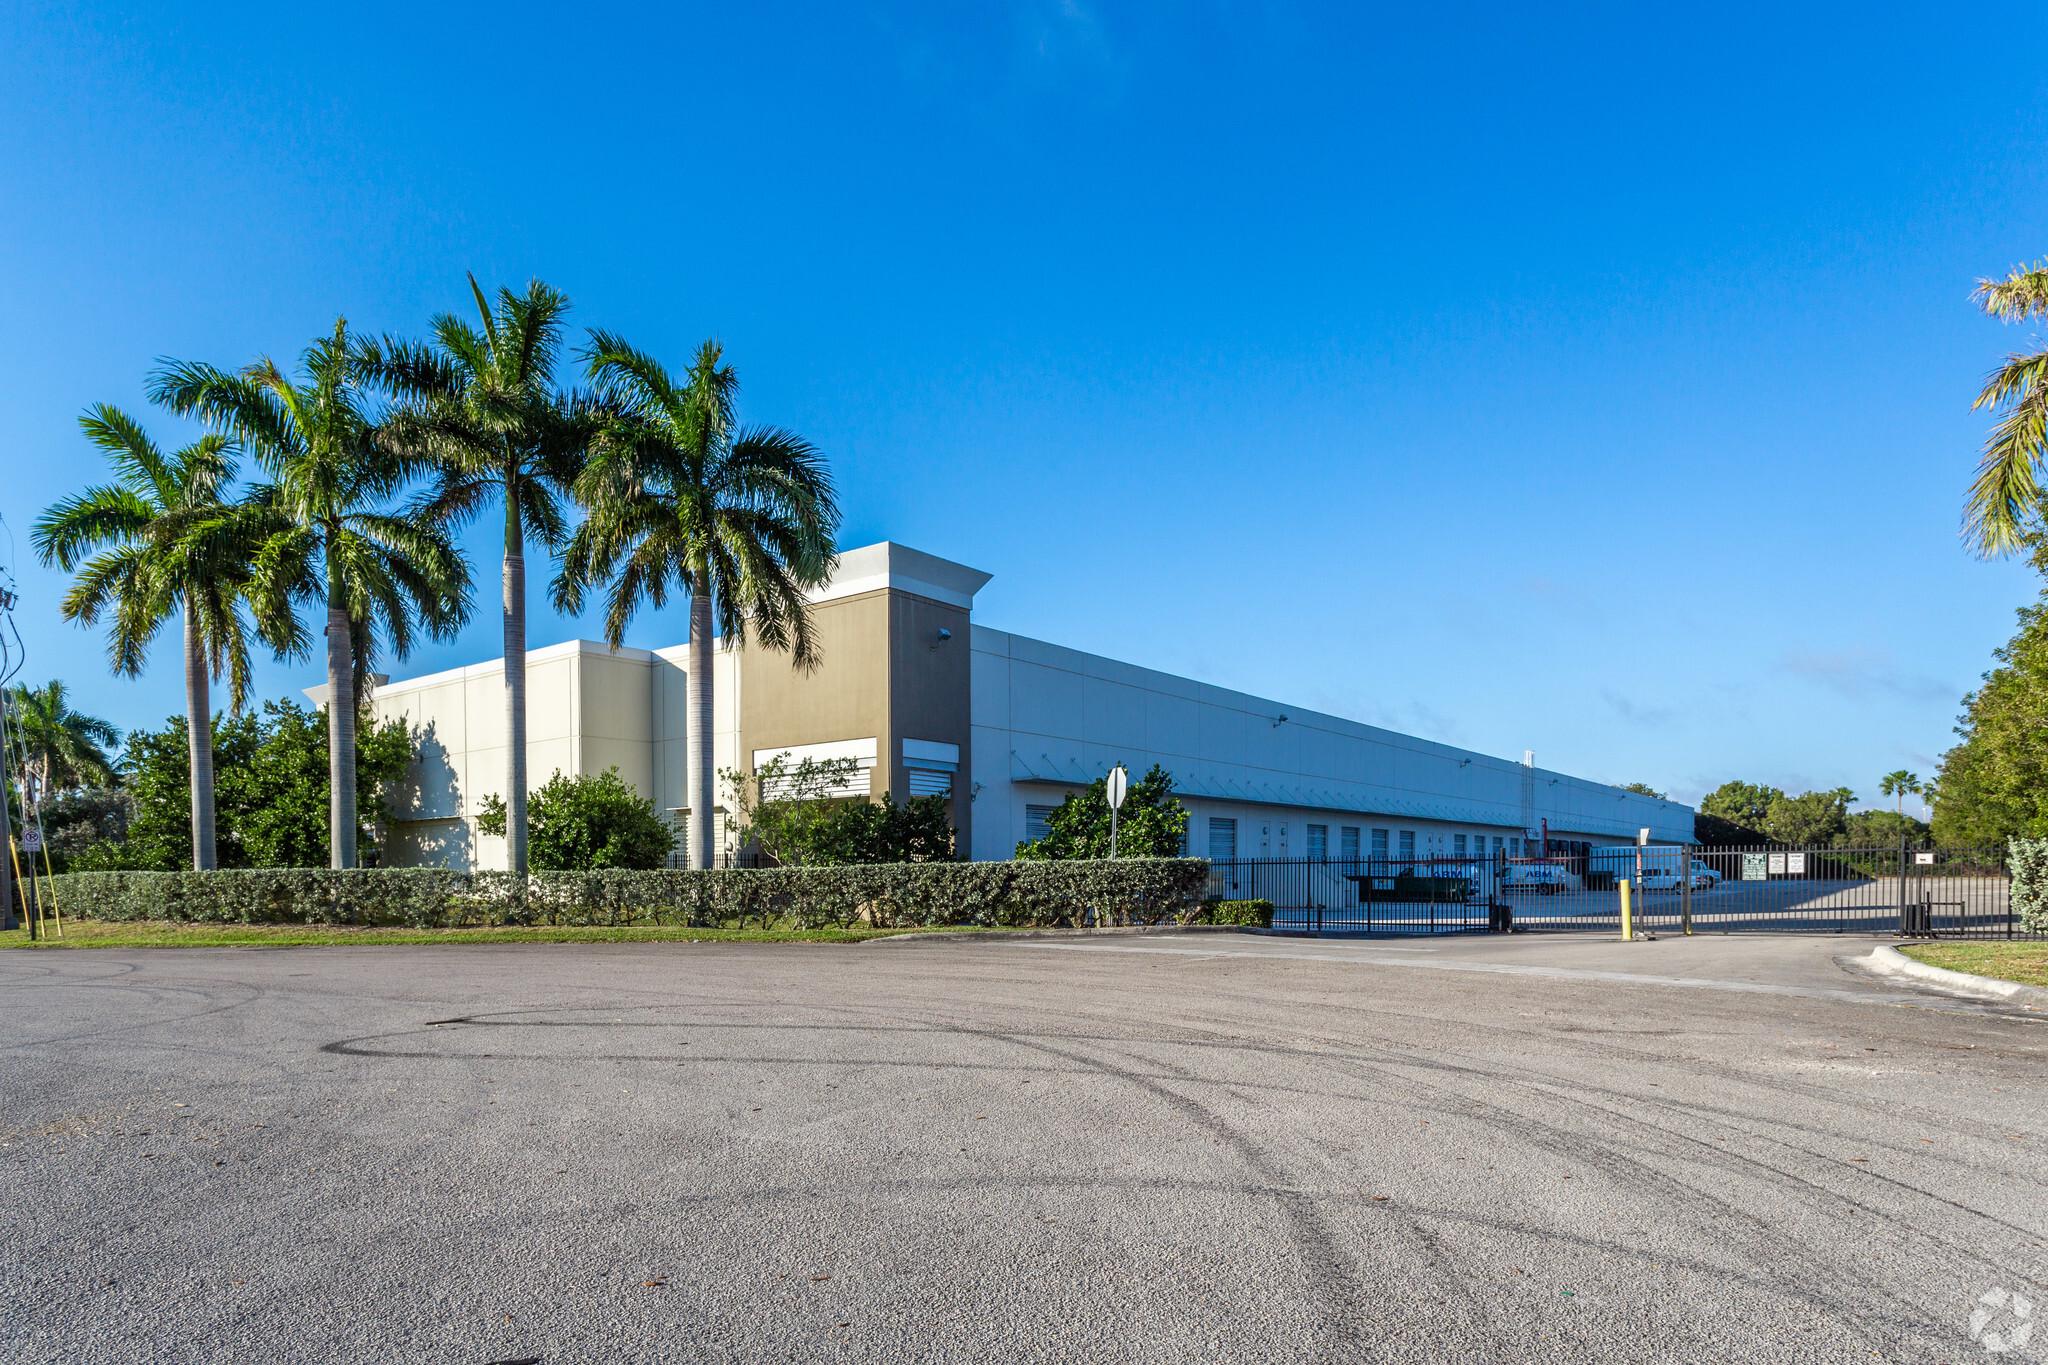 Seagis-13800-13830-SW-119th-Ave-Miami-FL